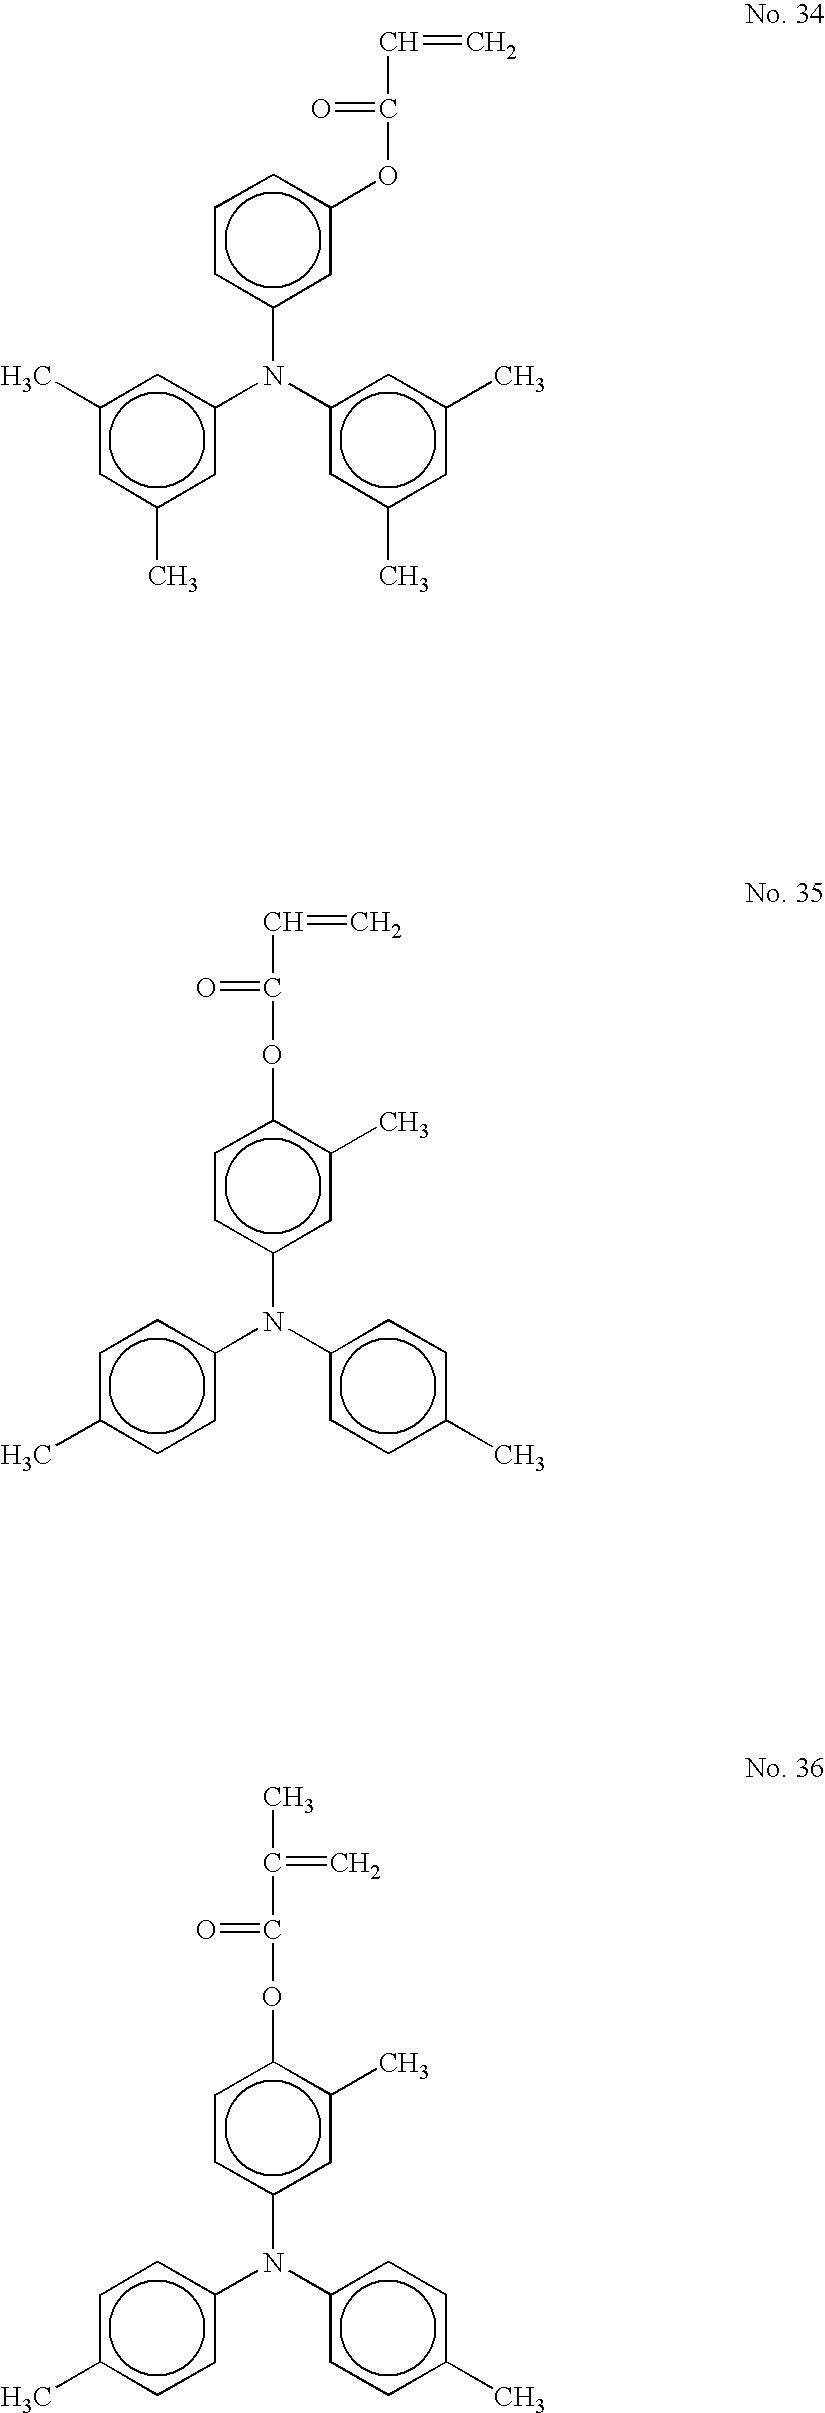 Figure US20060177749A1-20060810-C00028